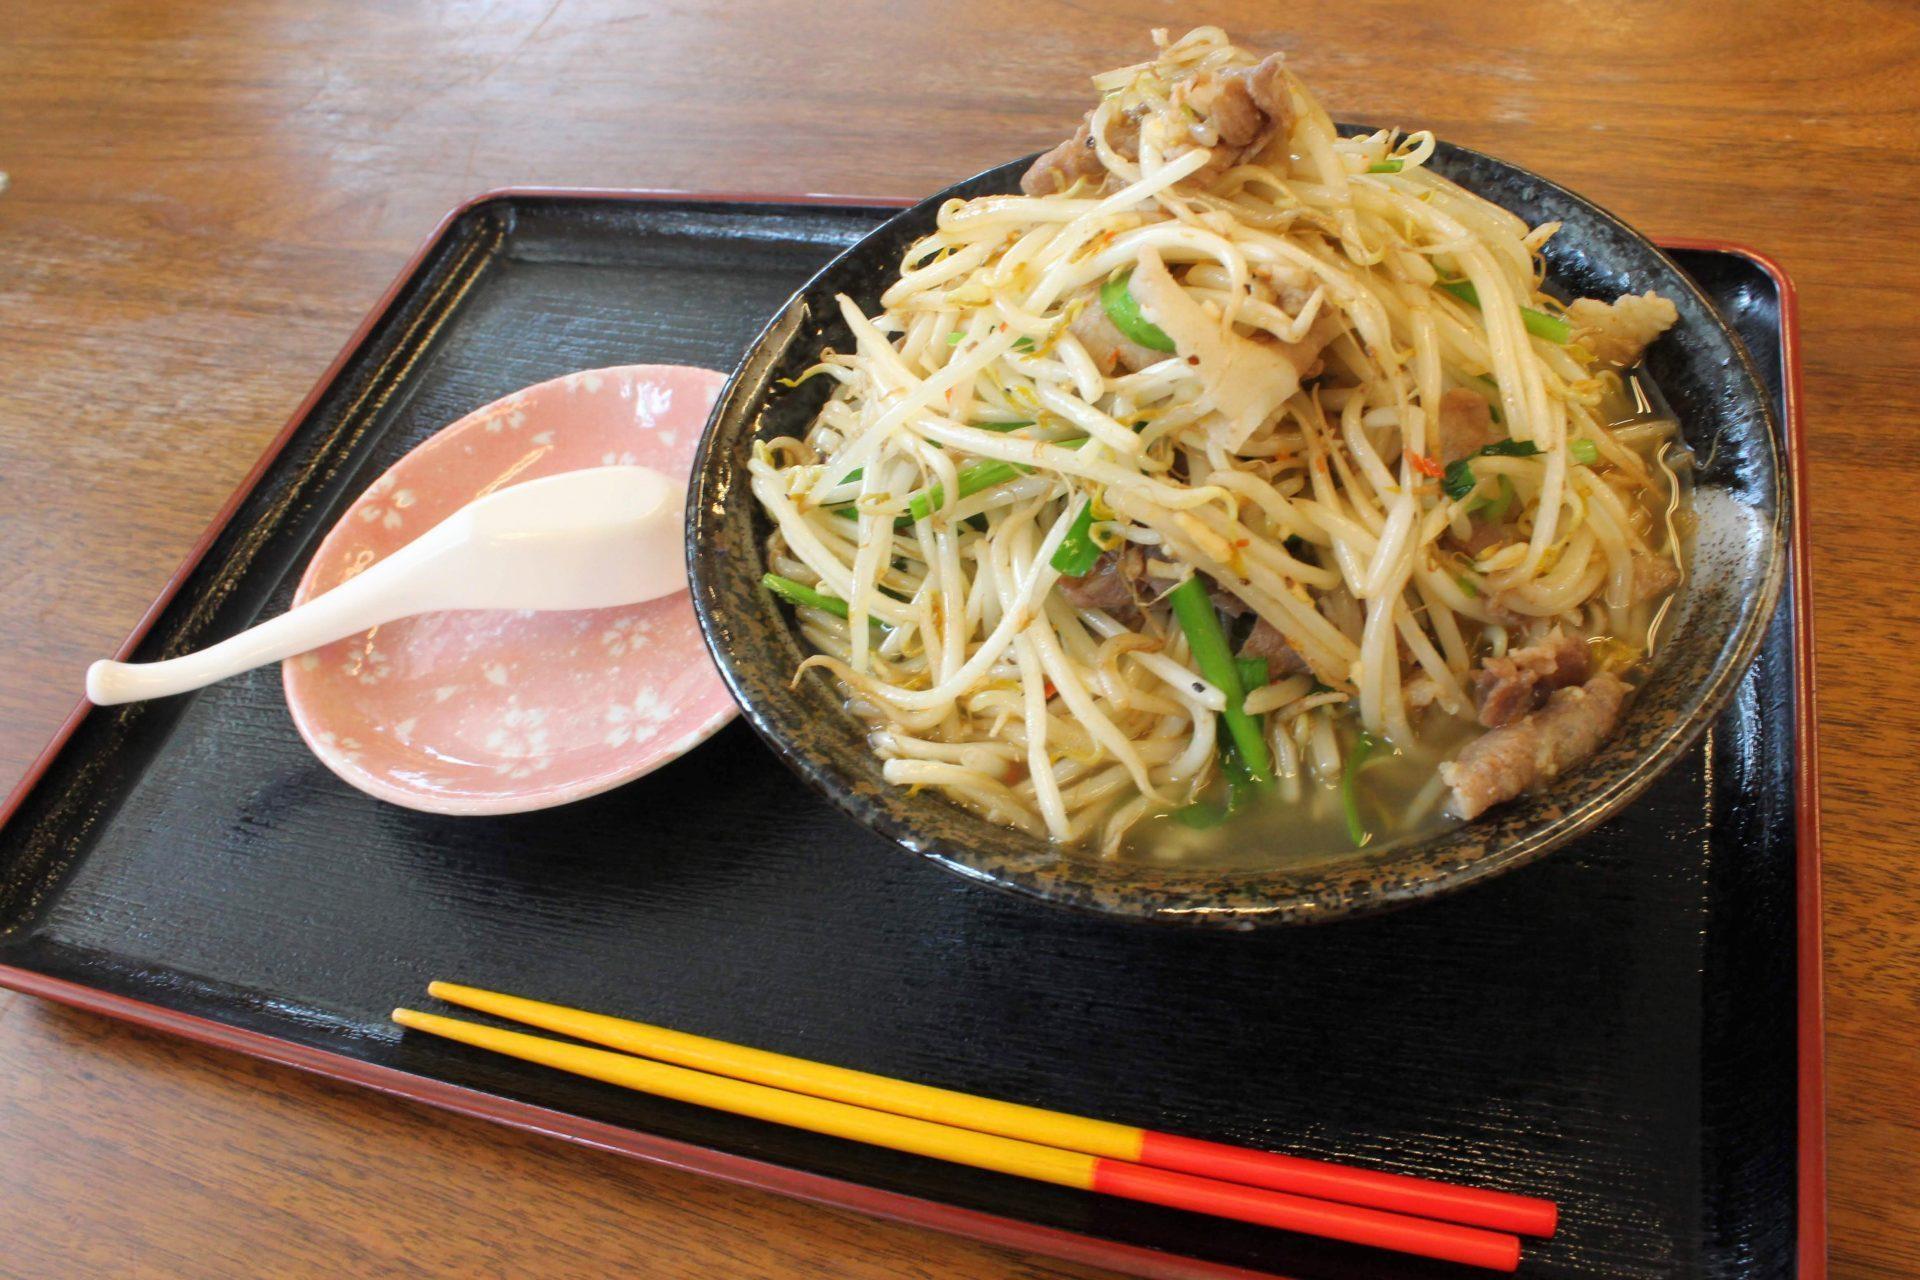 さくら食堂 名護市 おすすめ 食堂 ランチ 沖縄 昼食